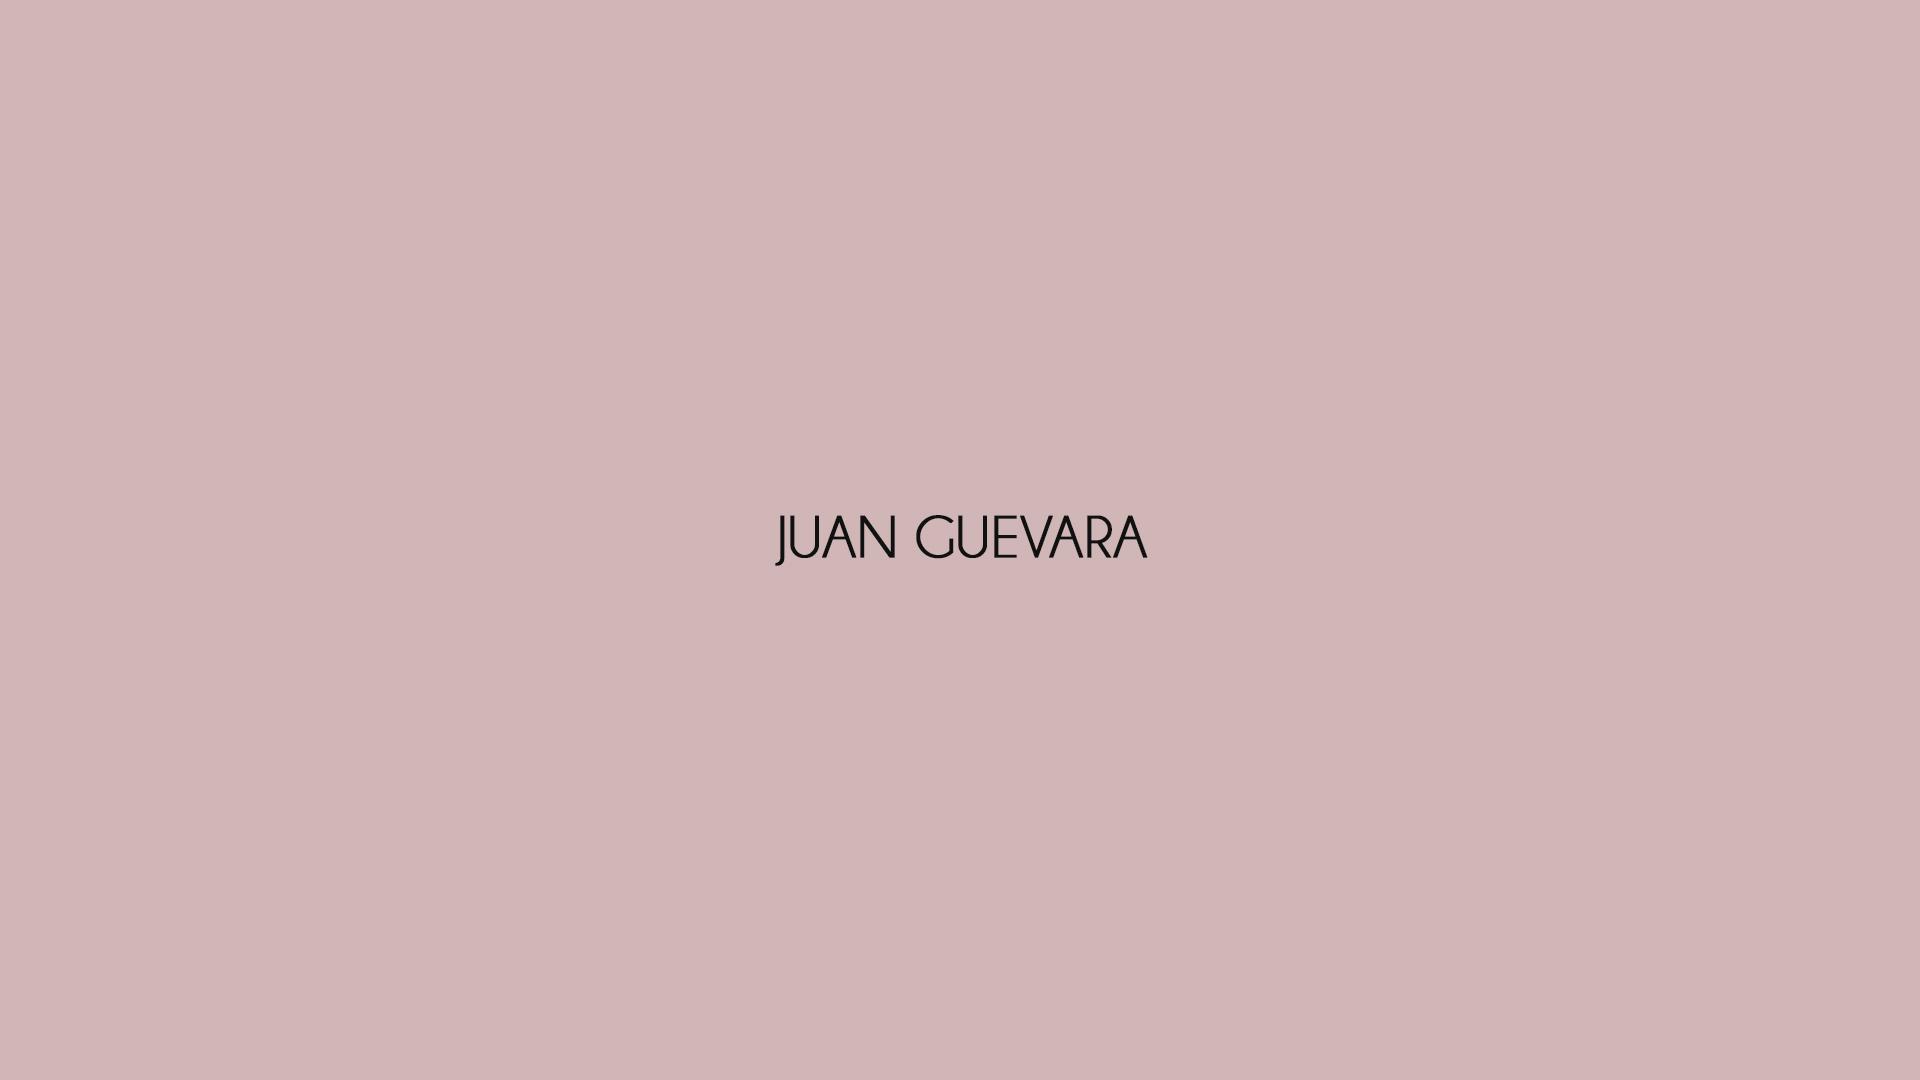 Juan Guevara